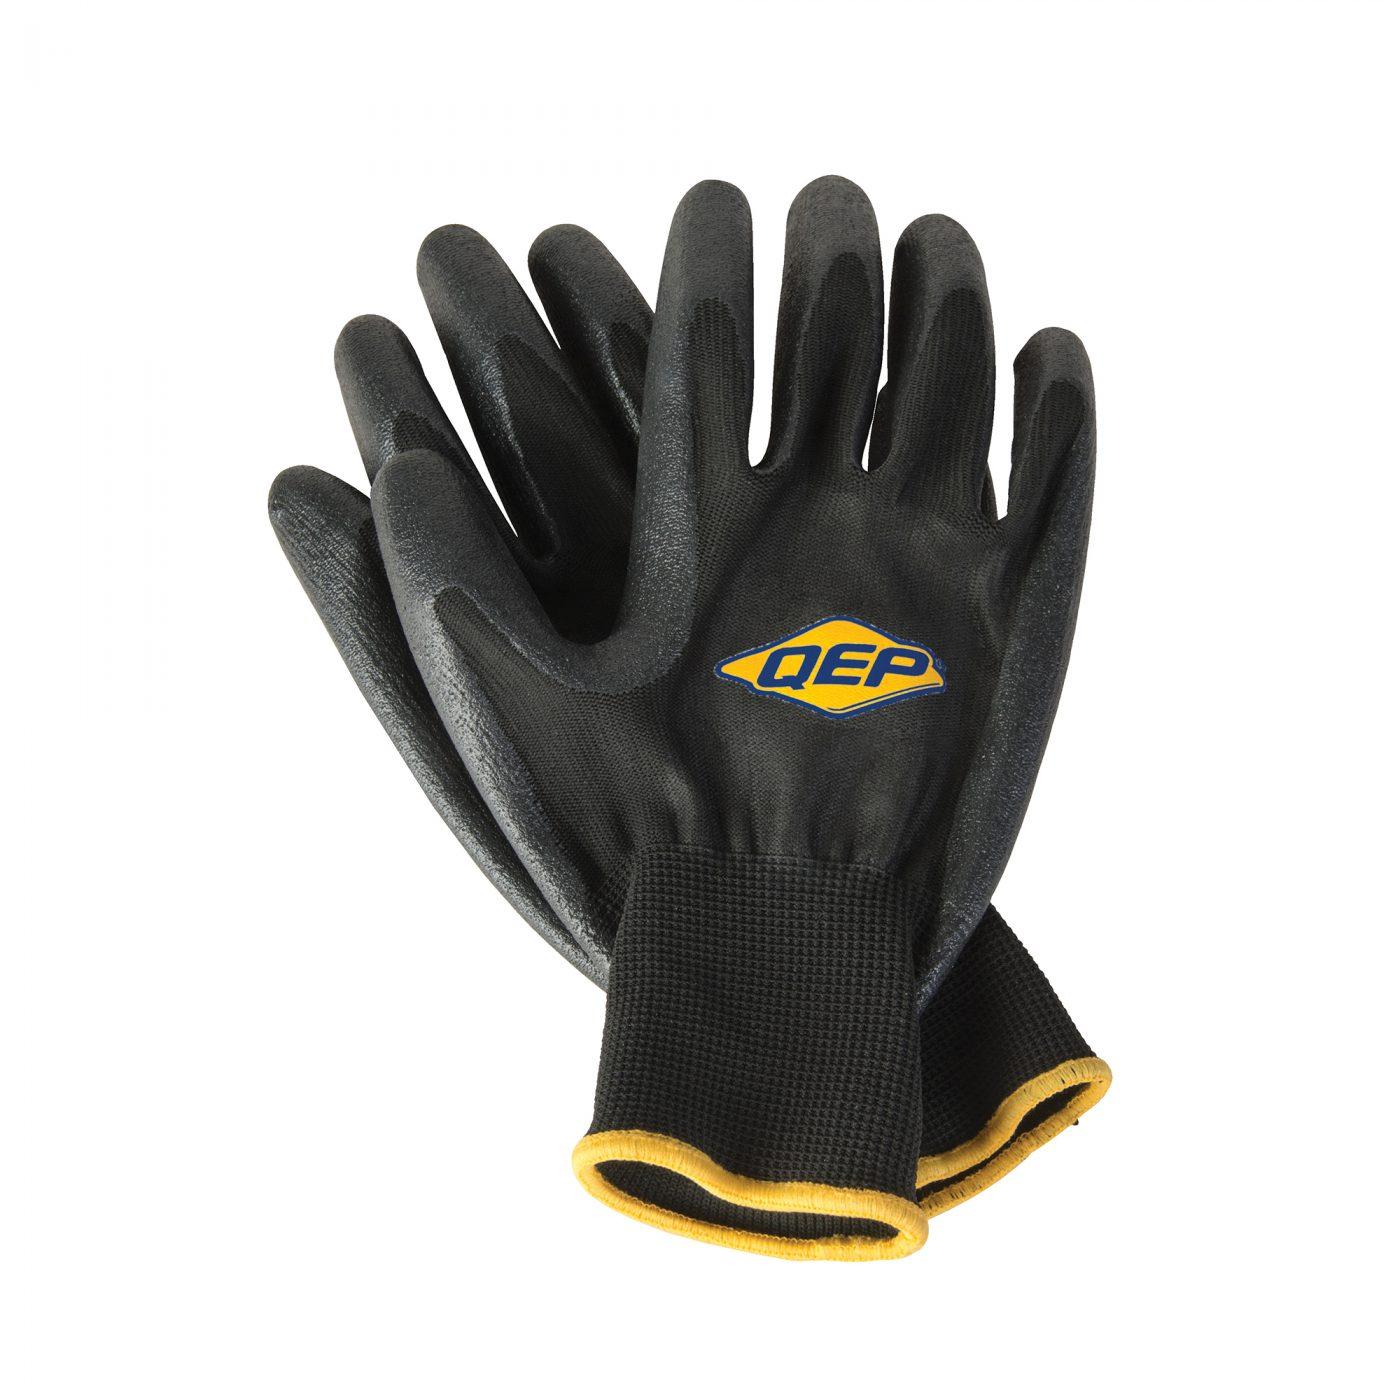 Tiler's Gloves